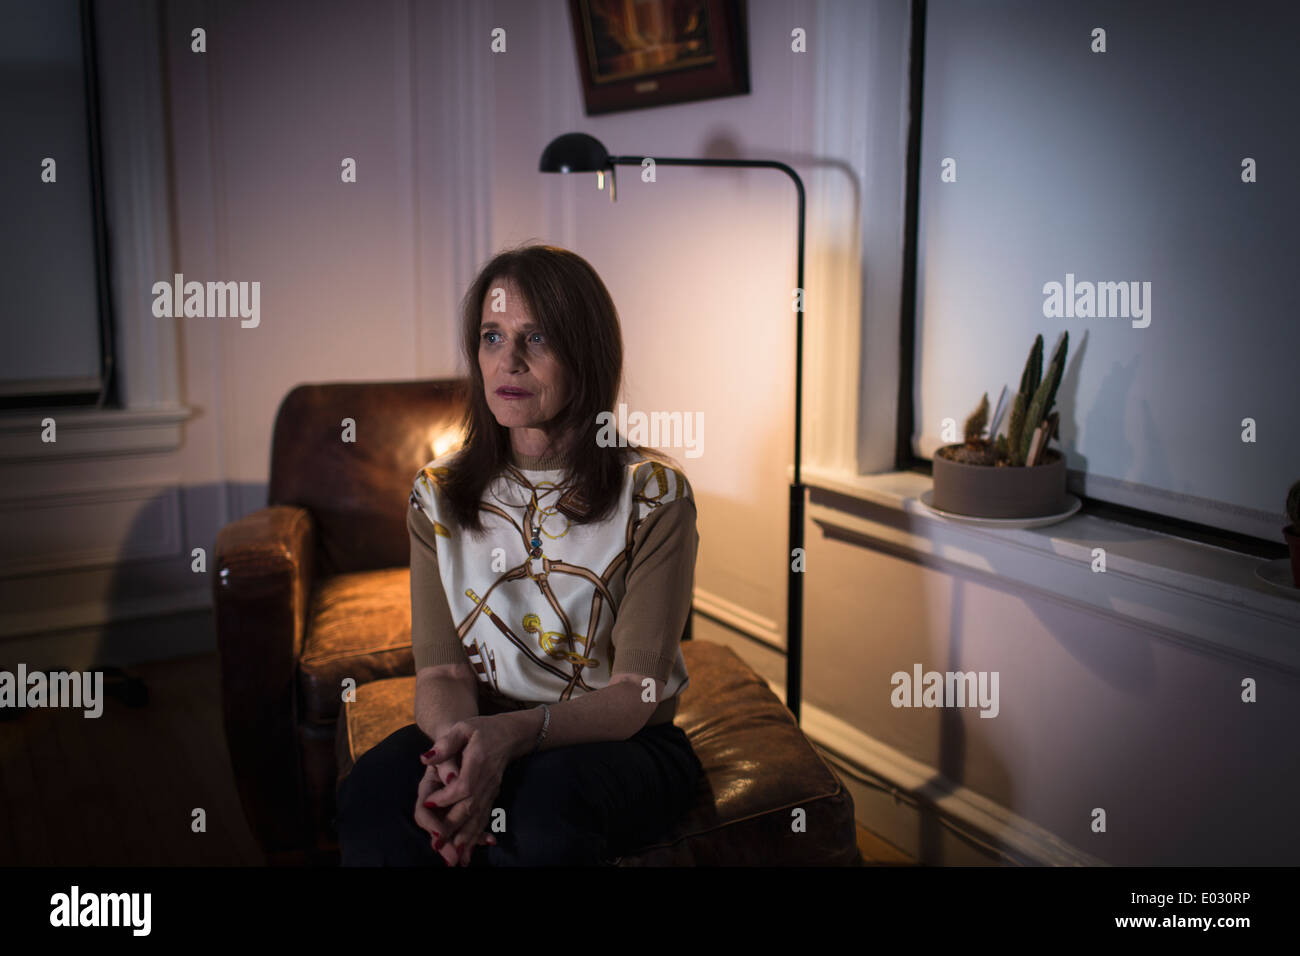 Une femme d'âge moyen assis avec une expression triste. Photo Stock